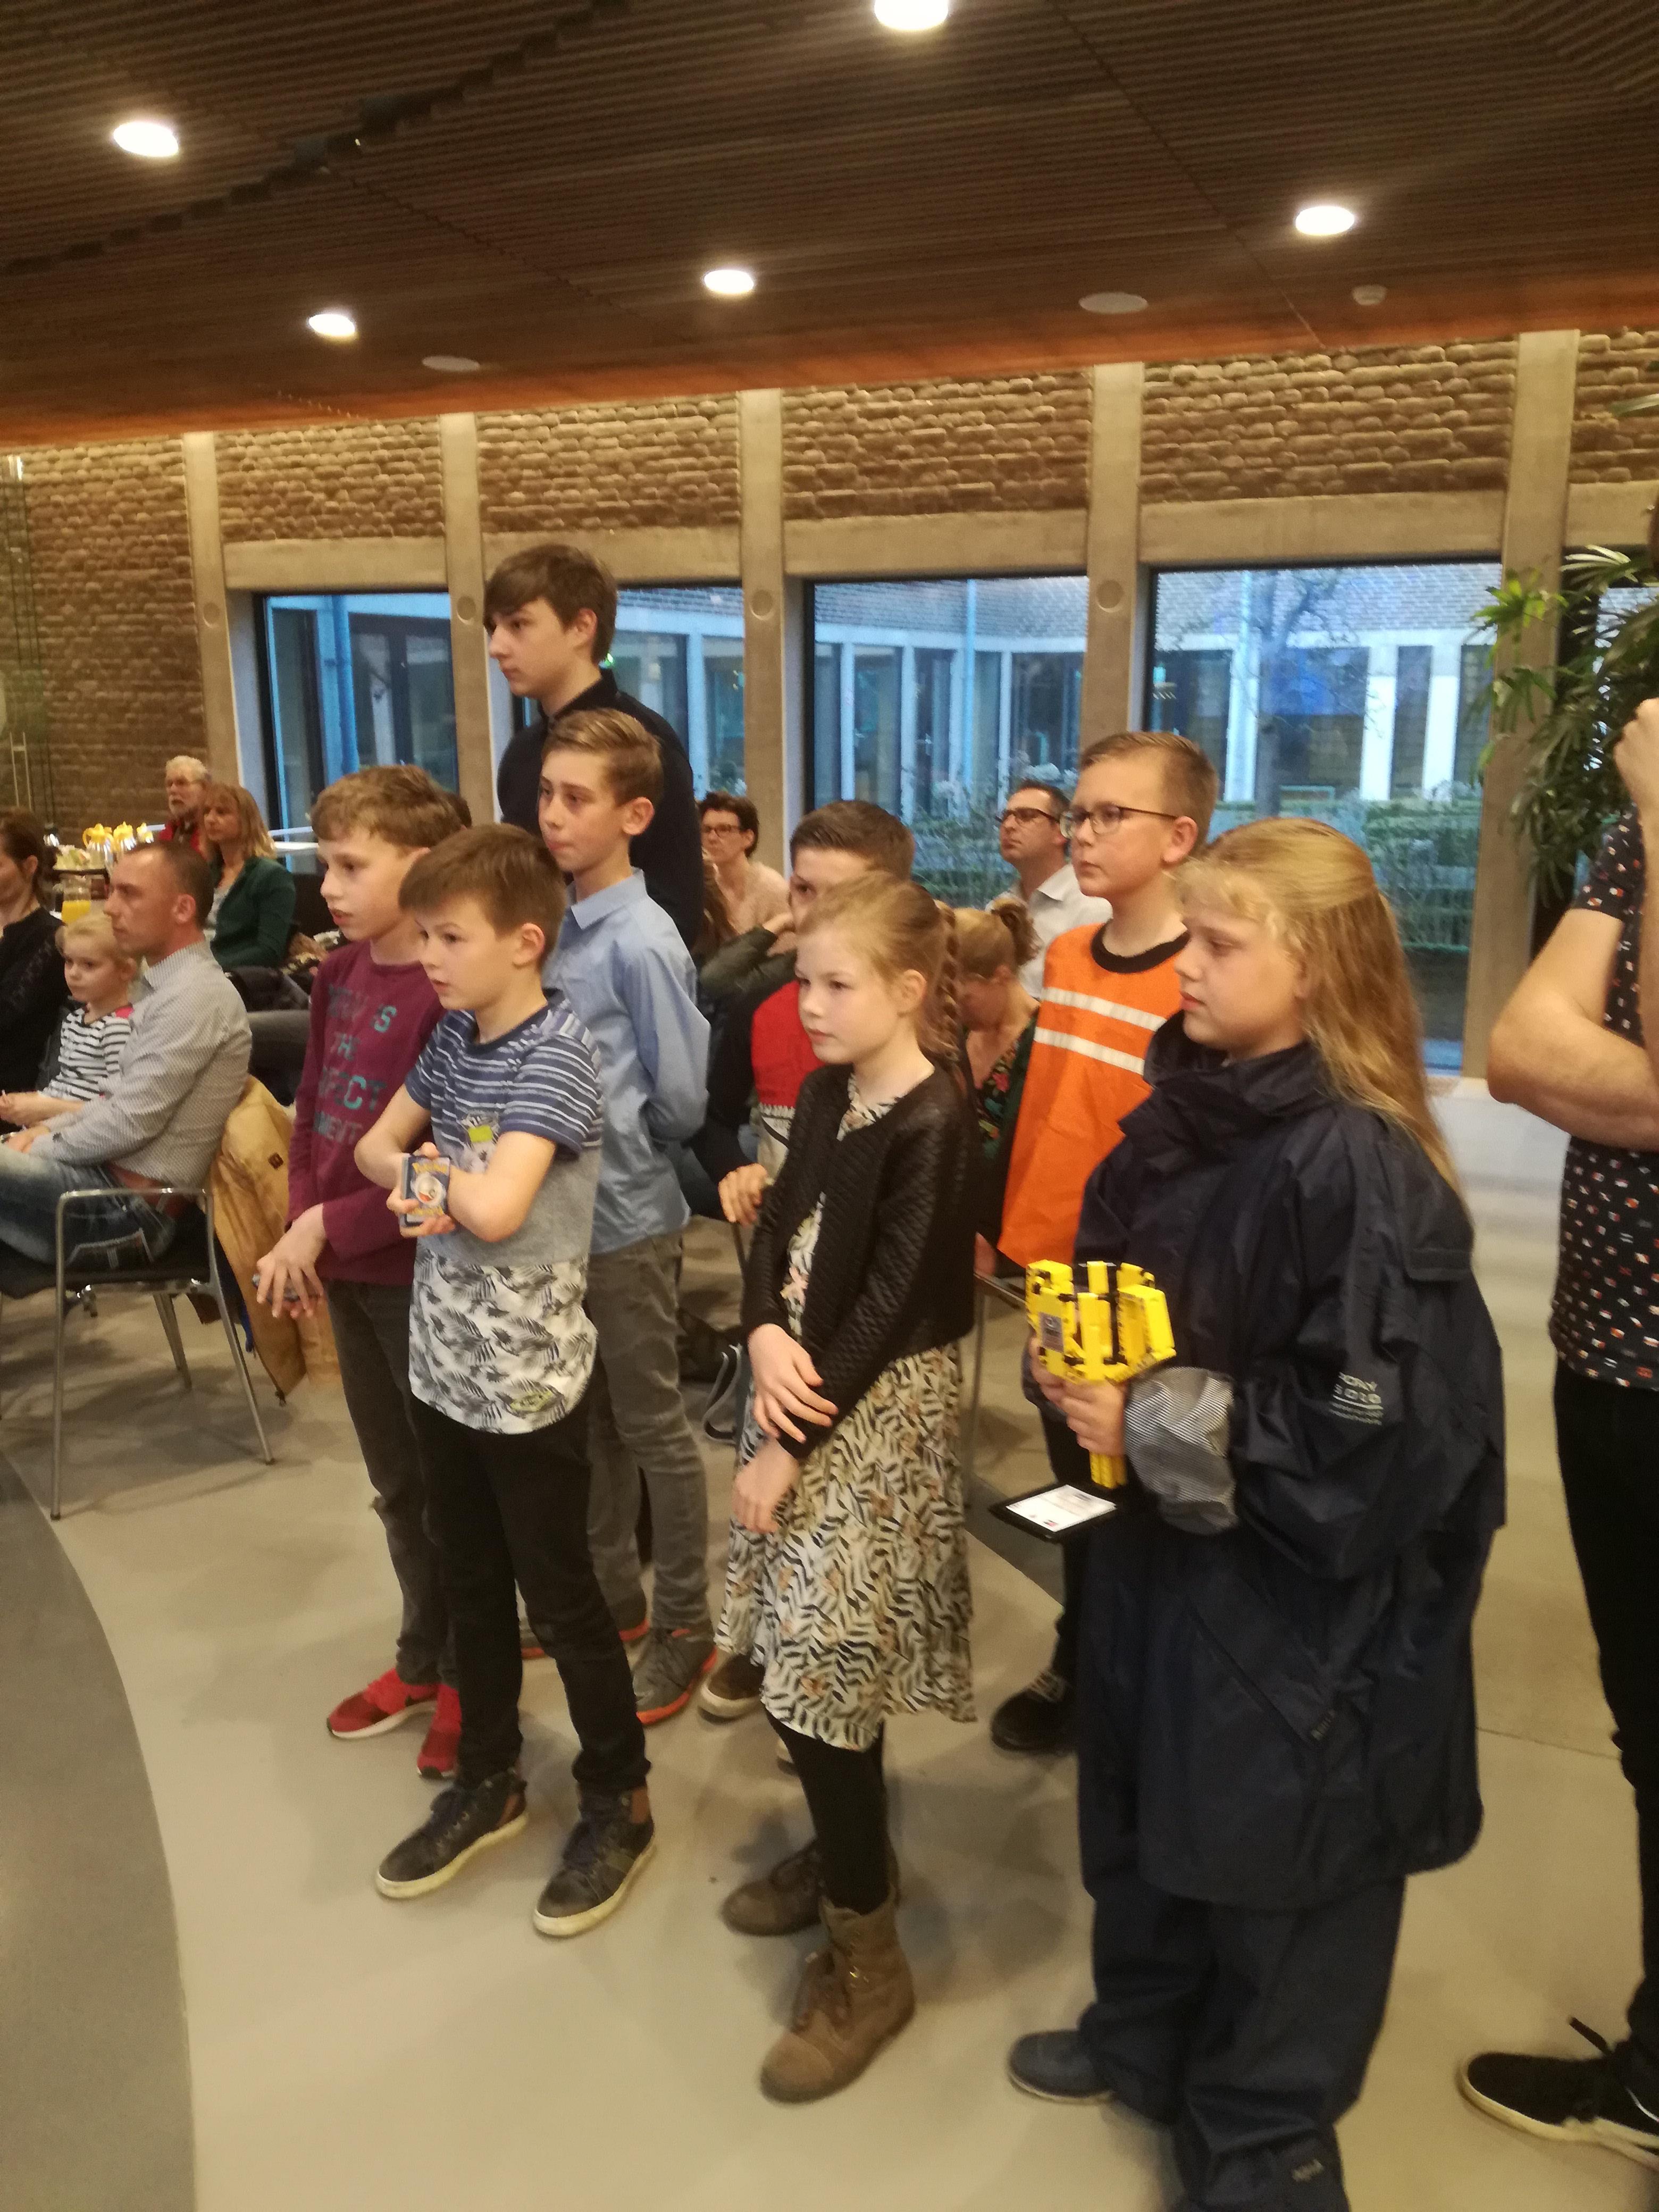 De leerlingen van de Hasselbraam staan te popelen om hun bevindingen te delen met de politici. (aangeleverde foto)